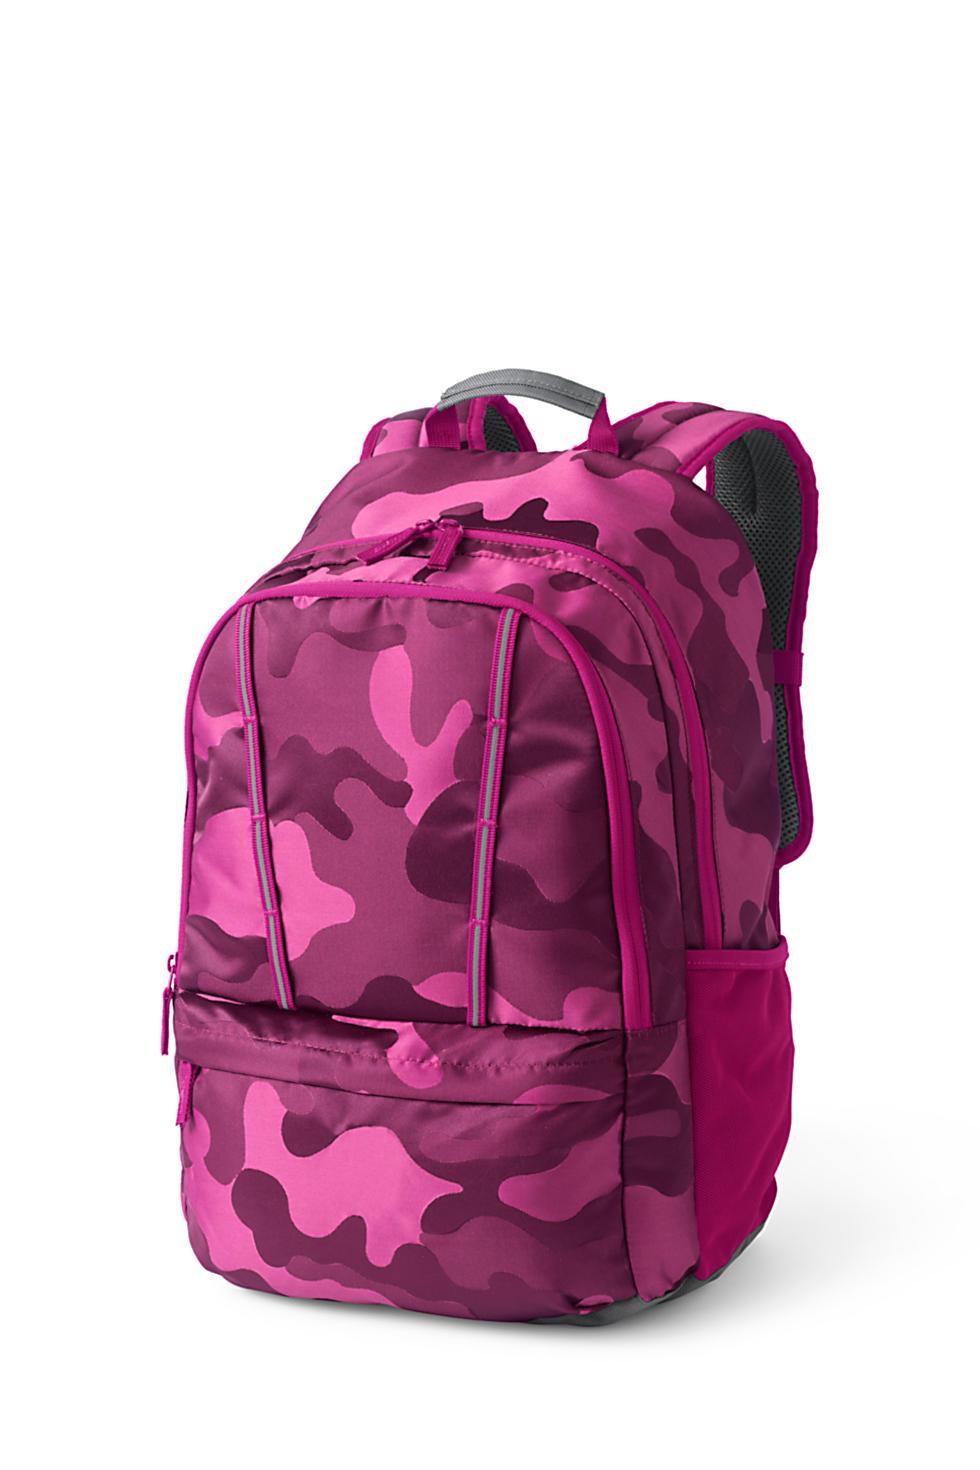 Lands' End Kids ClassMate Large Backpack